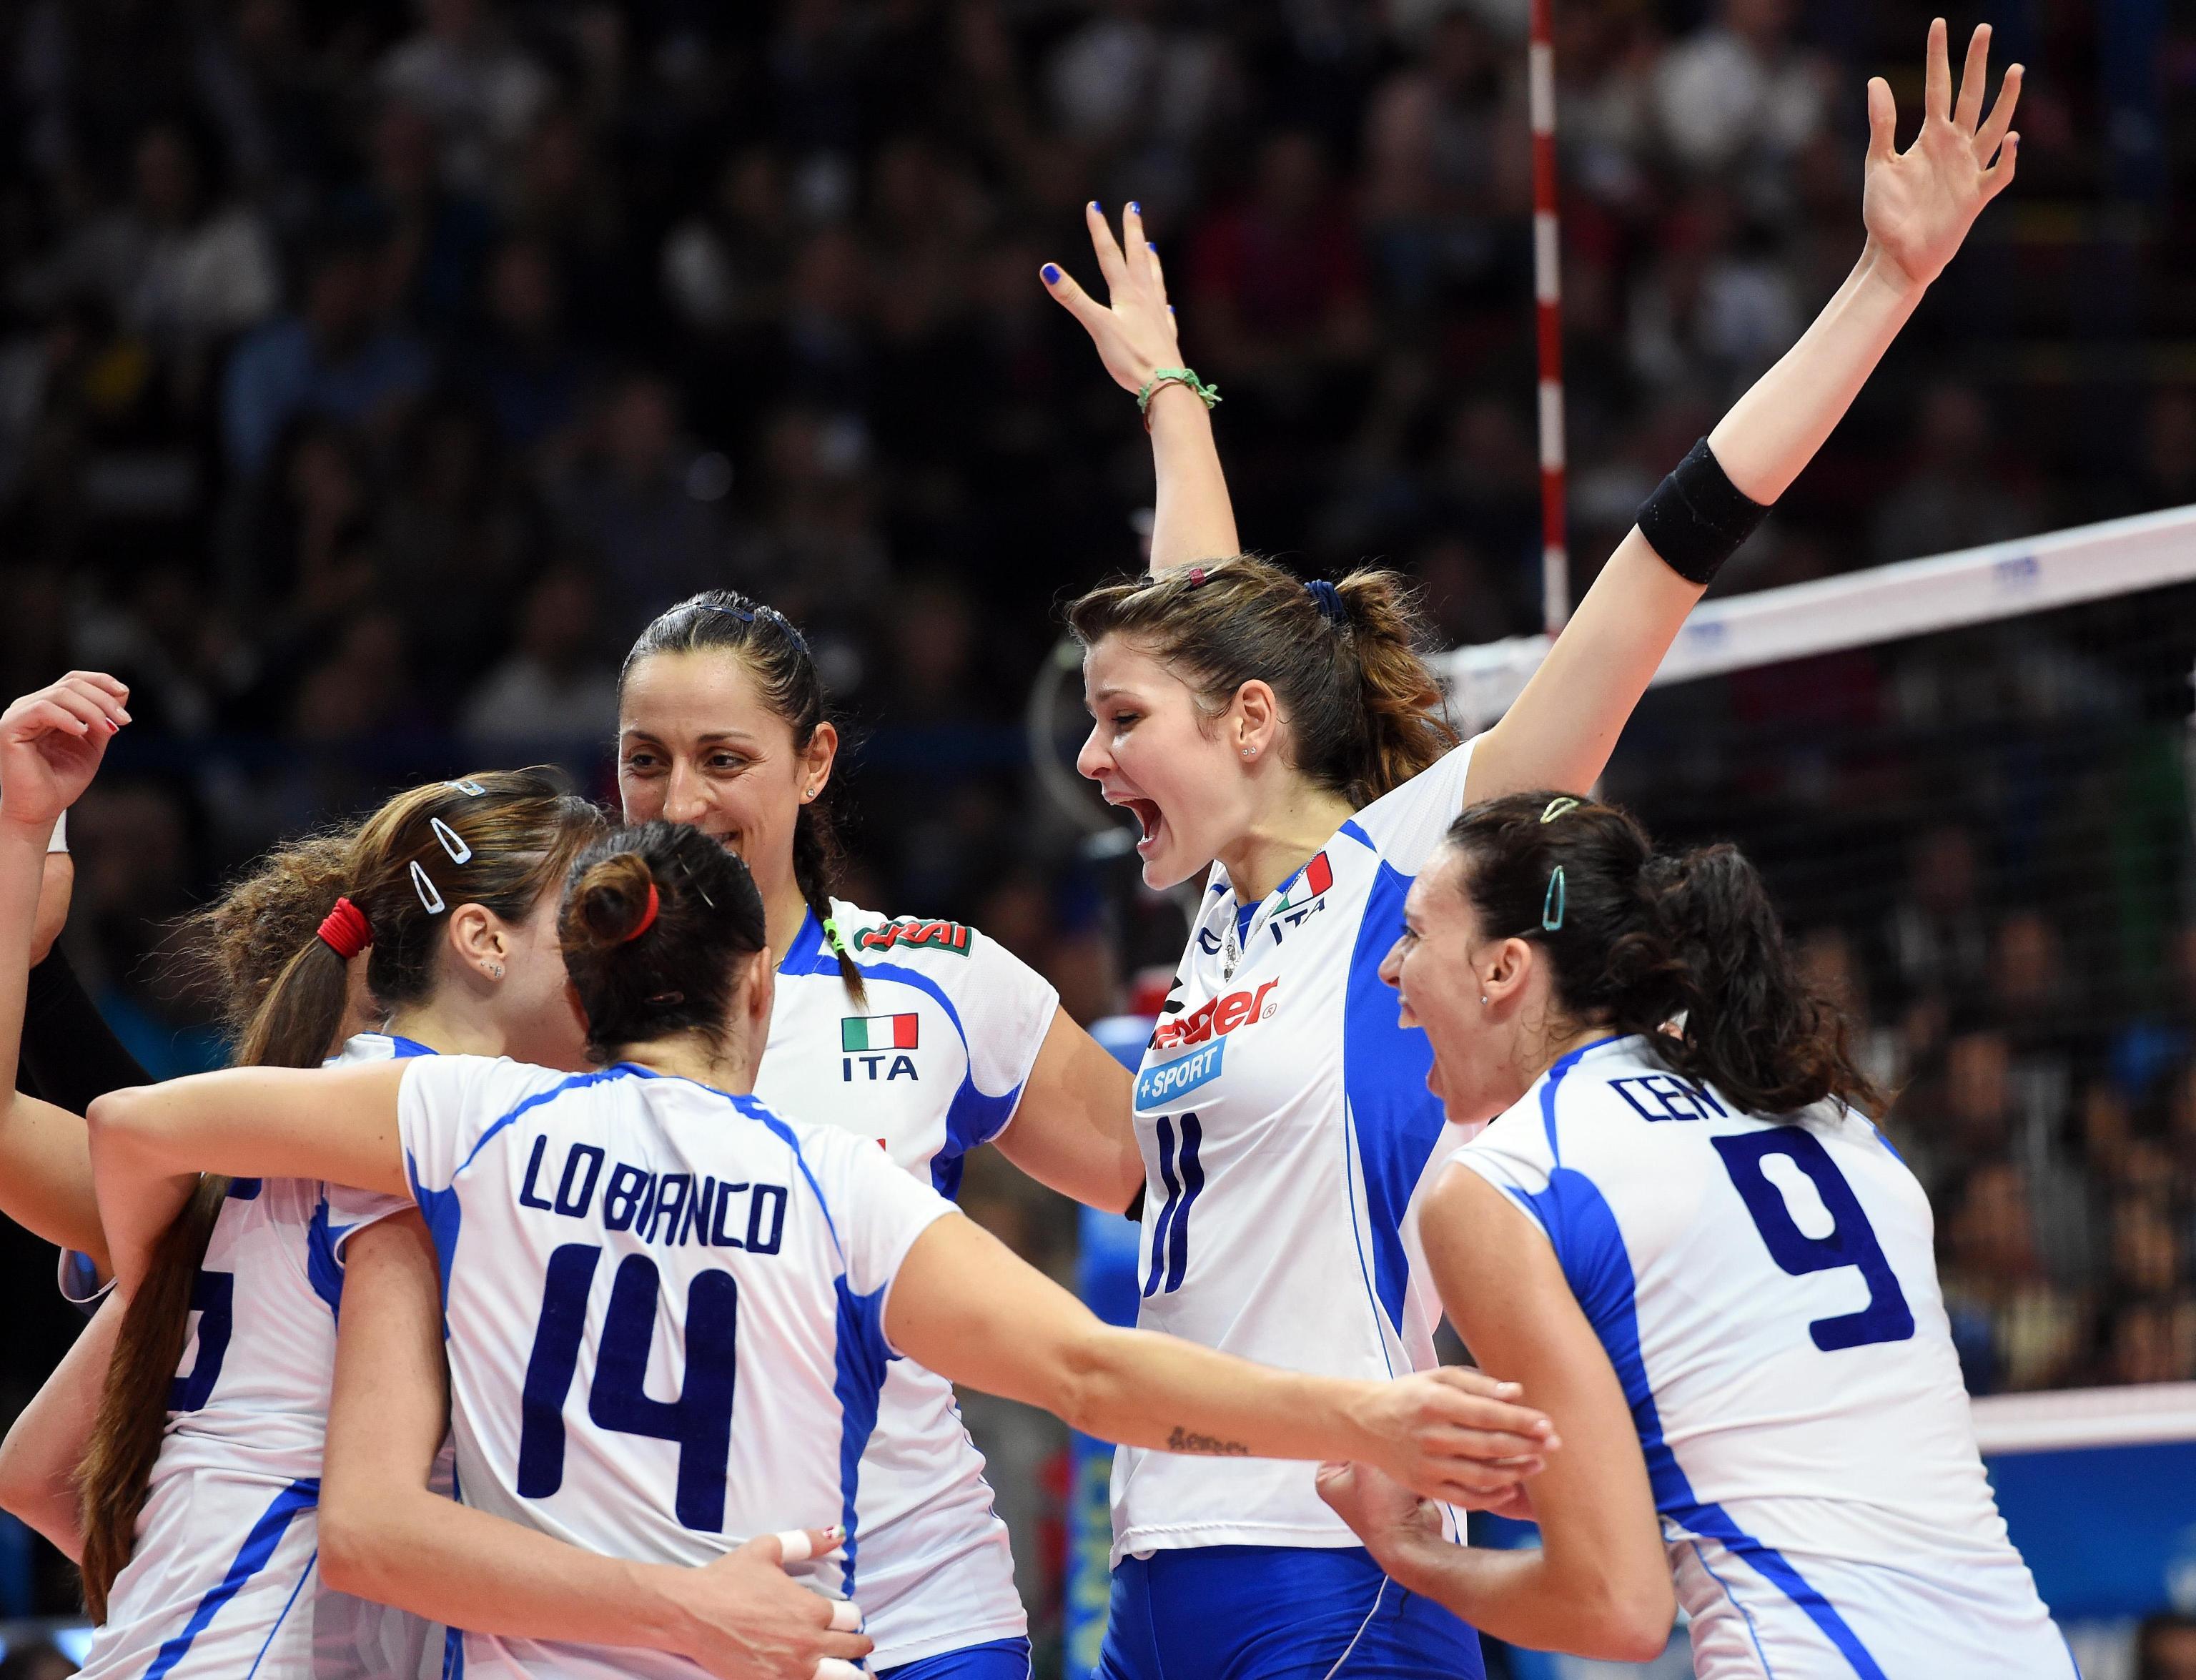 Pallavolo_Mondiali_Italia_Usa_05